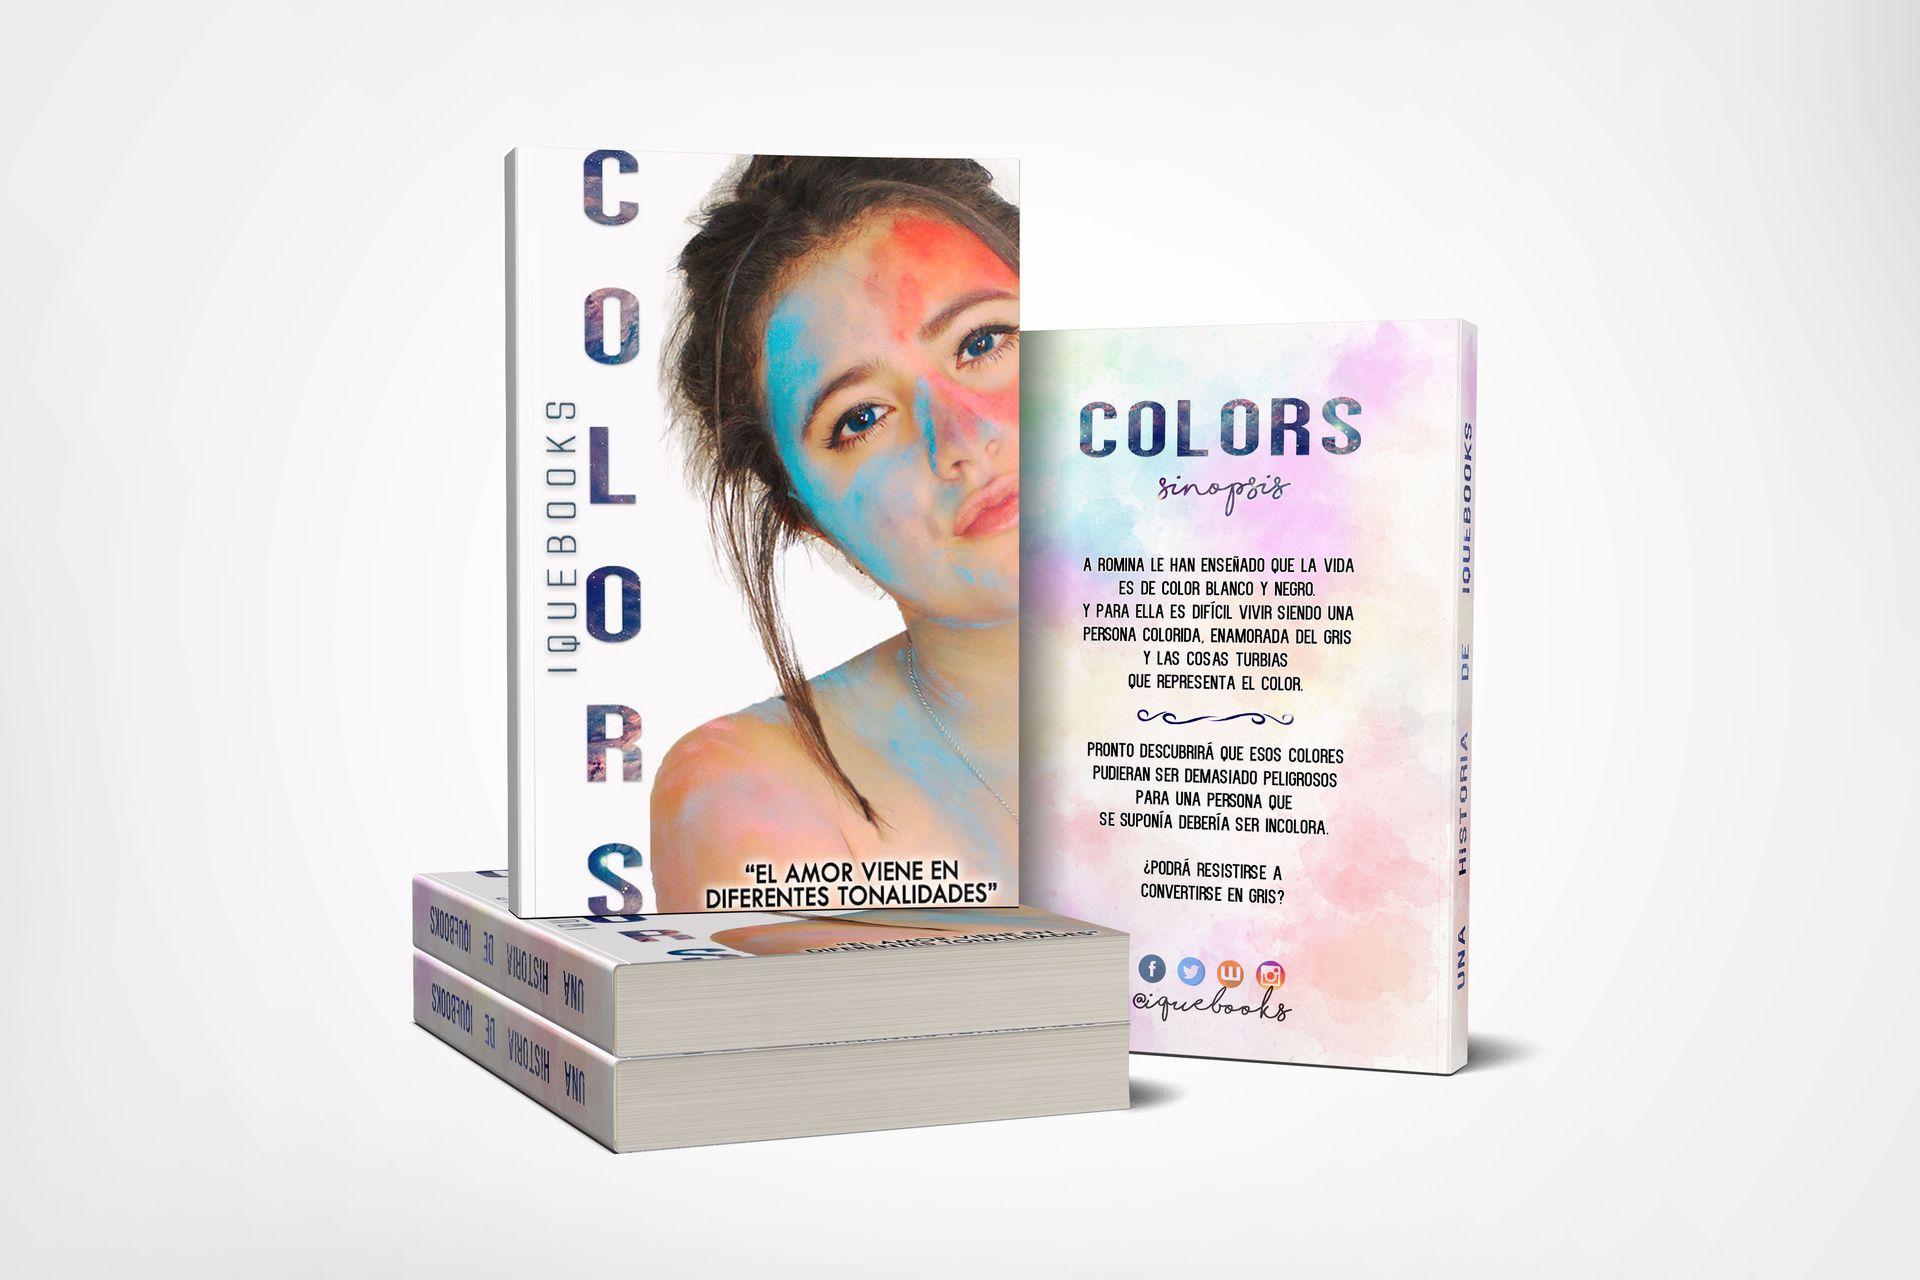 Resultado de imagen para colors iquebooks